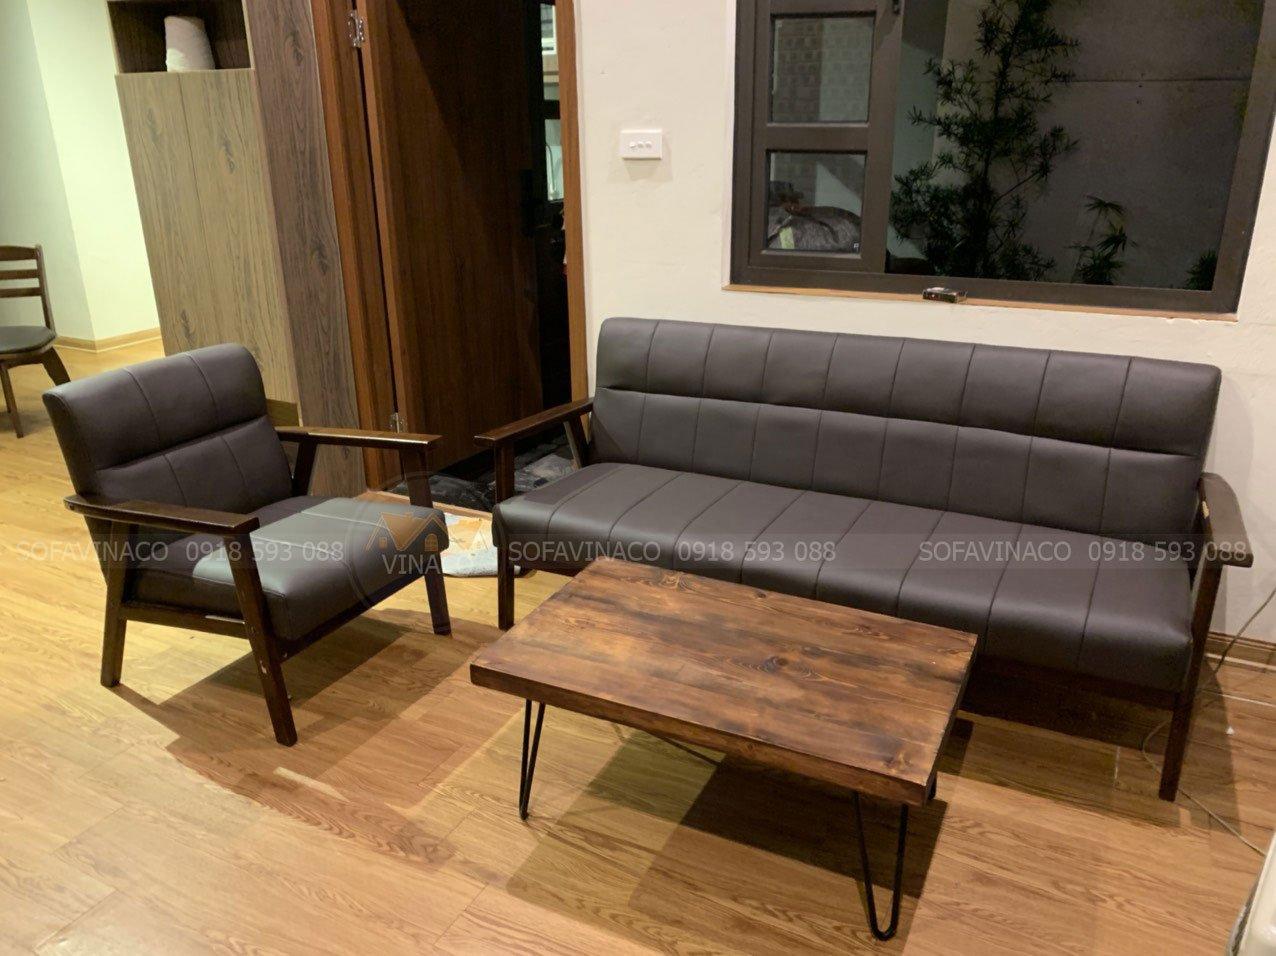 Bộ ghế sofa gỗ được thay lớp da mới tại chung cư Lâm Viên